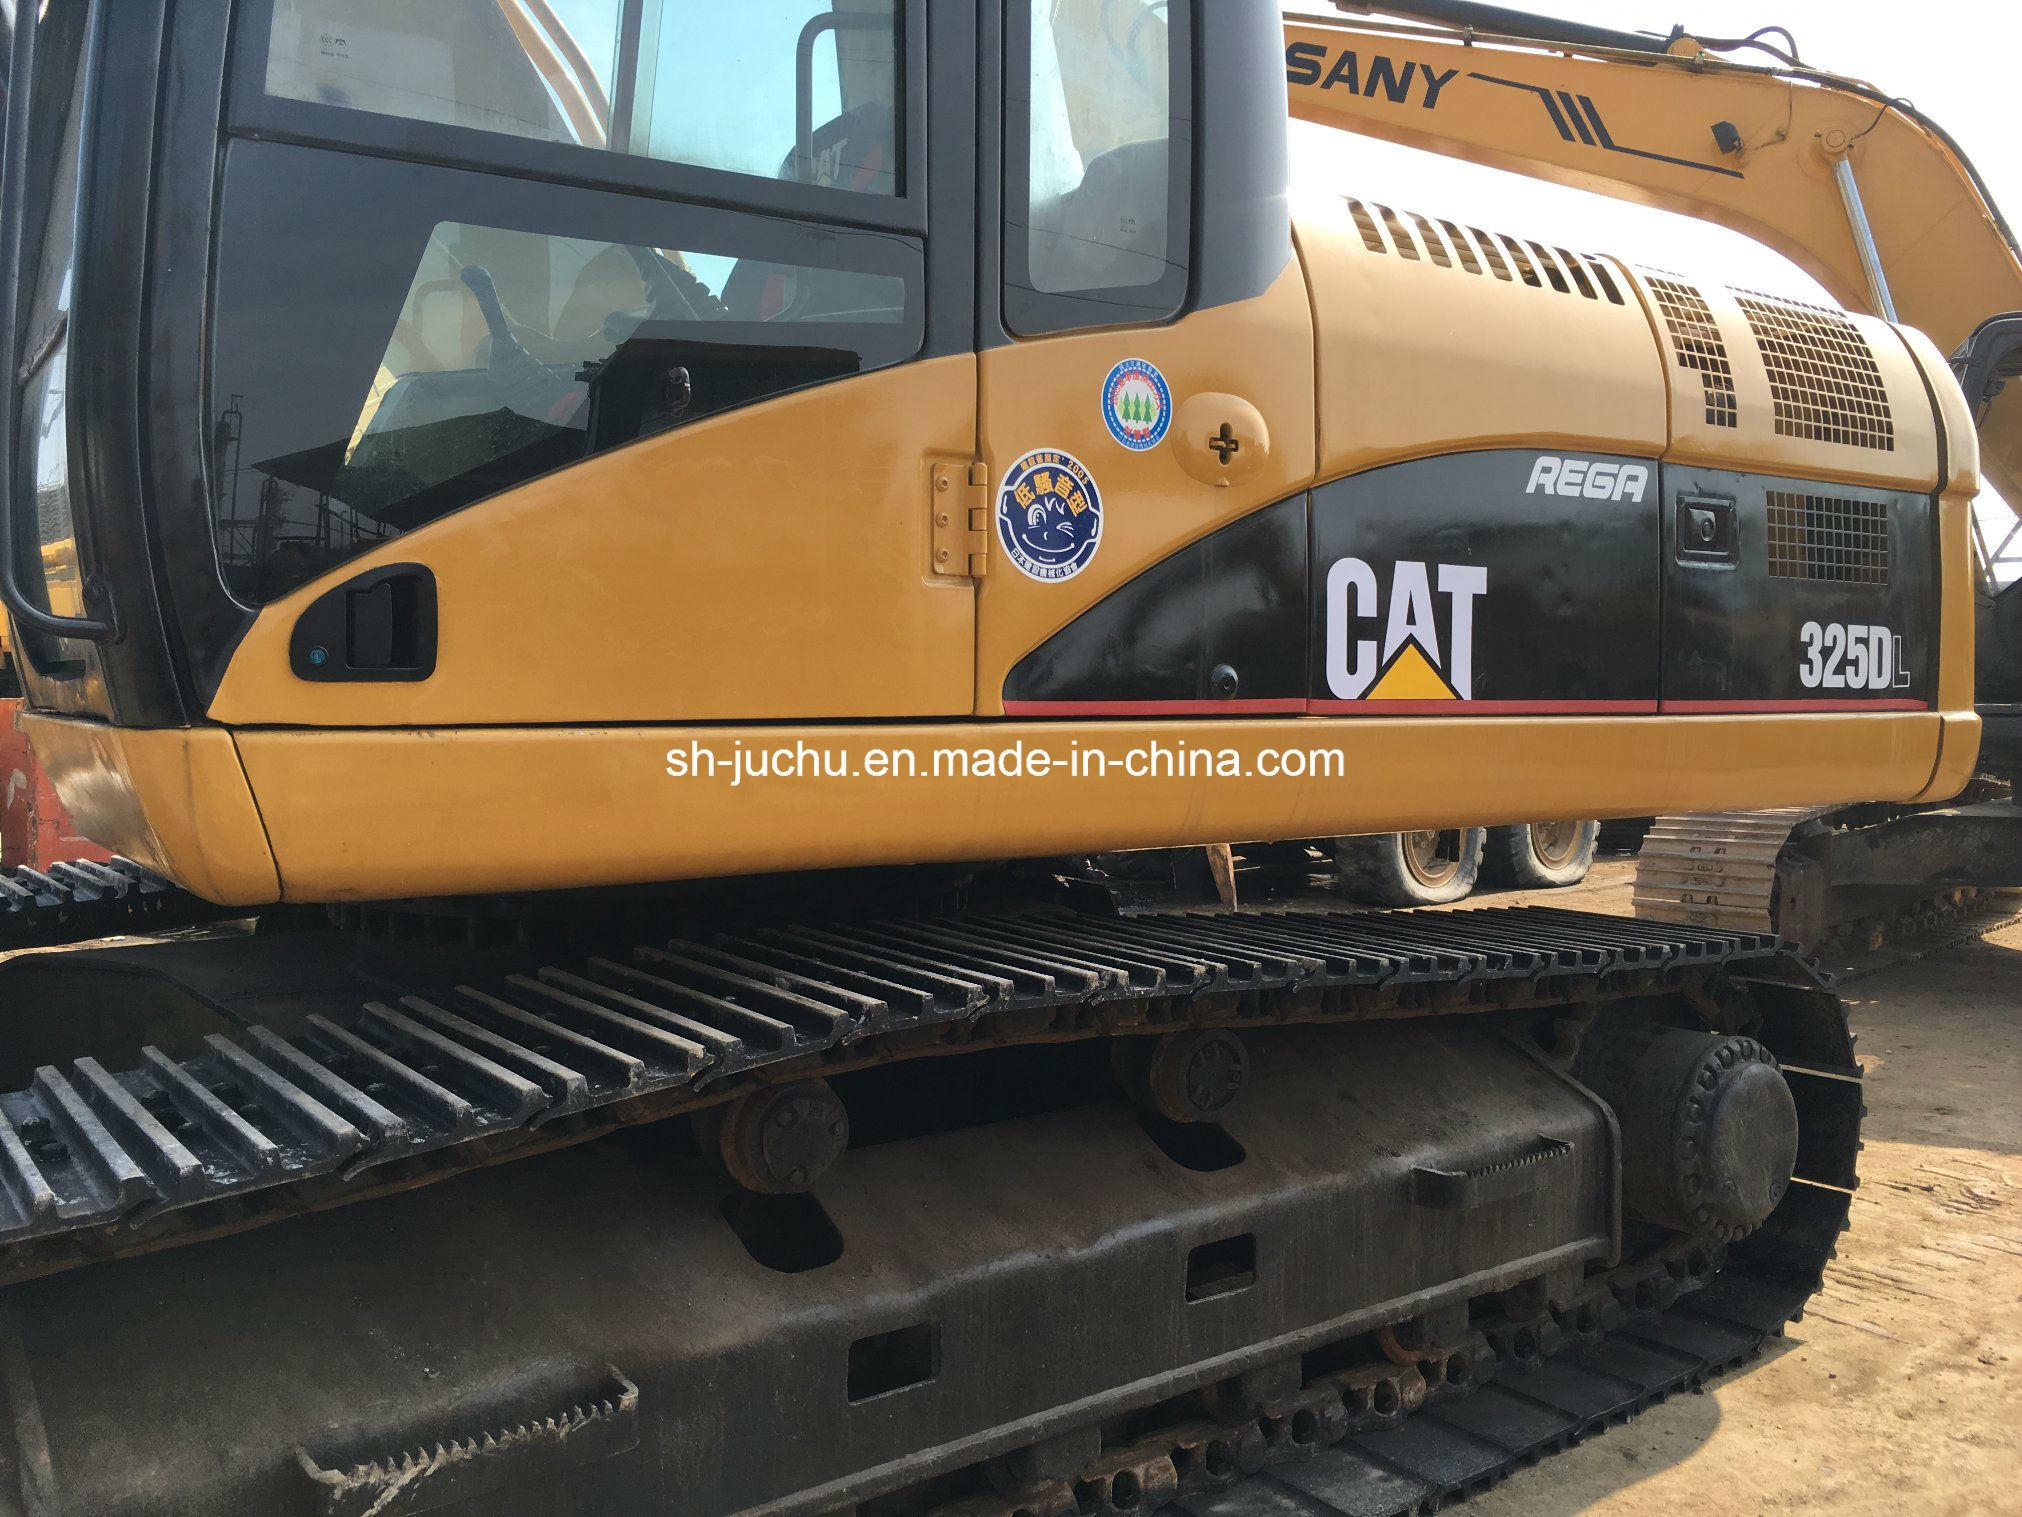 Original 2012year Used Cat 325dl Hydraulic Track Excavator /Caterpillar (325DL) Excavator